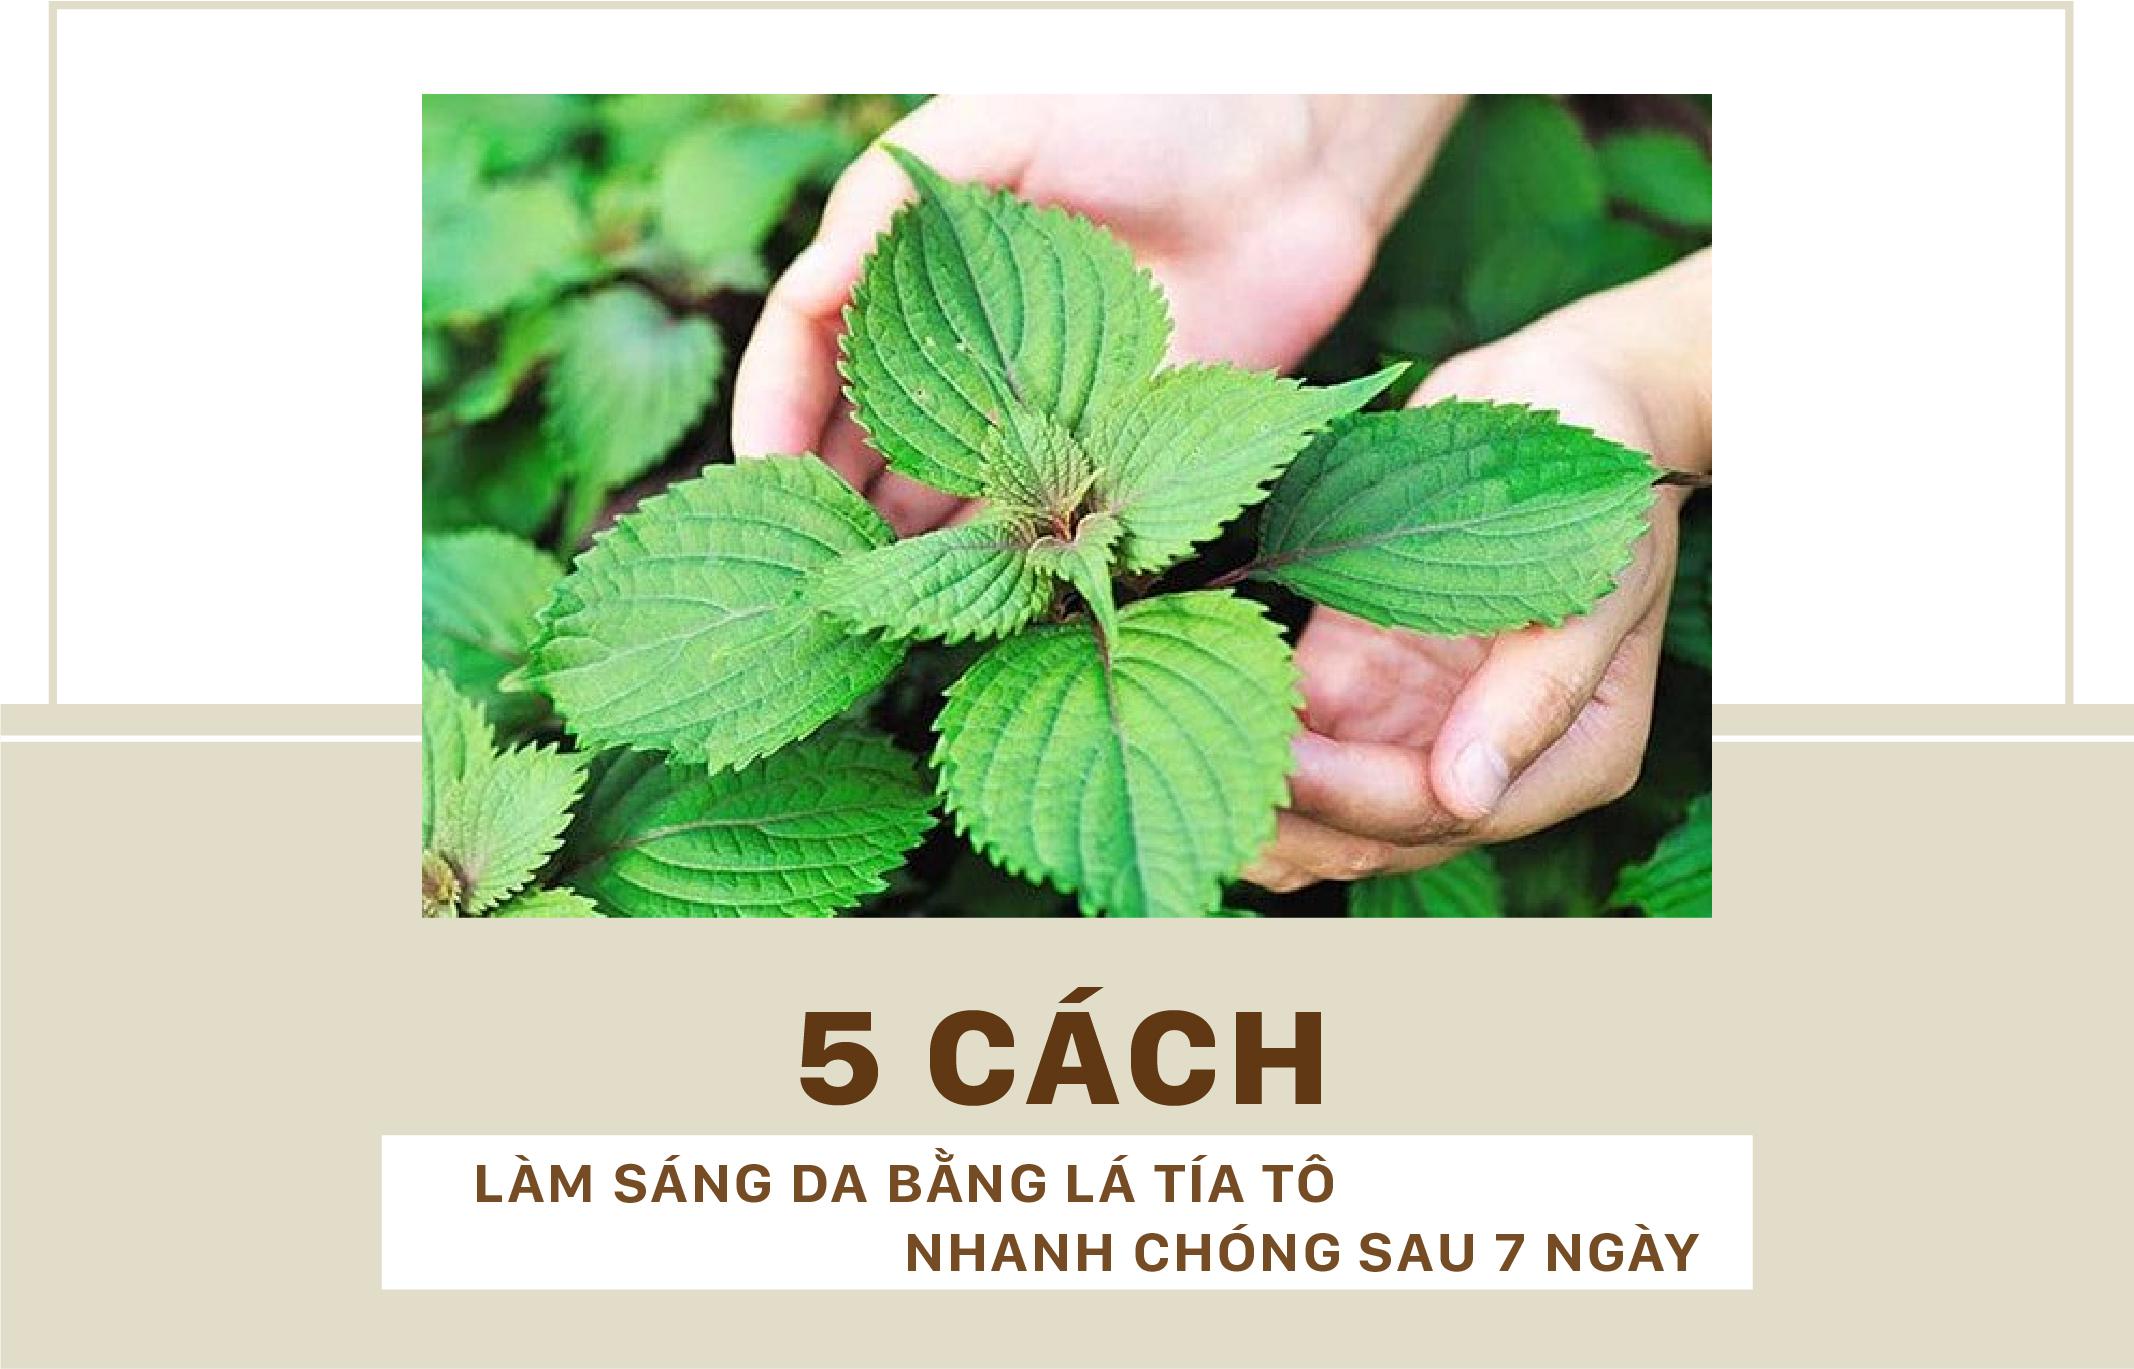 5-cach-lam-sang-da-bang-la-tia-to-nhanh-chong-sau-7ngay